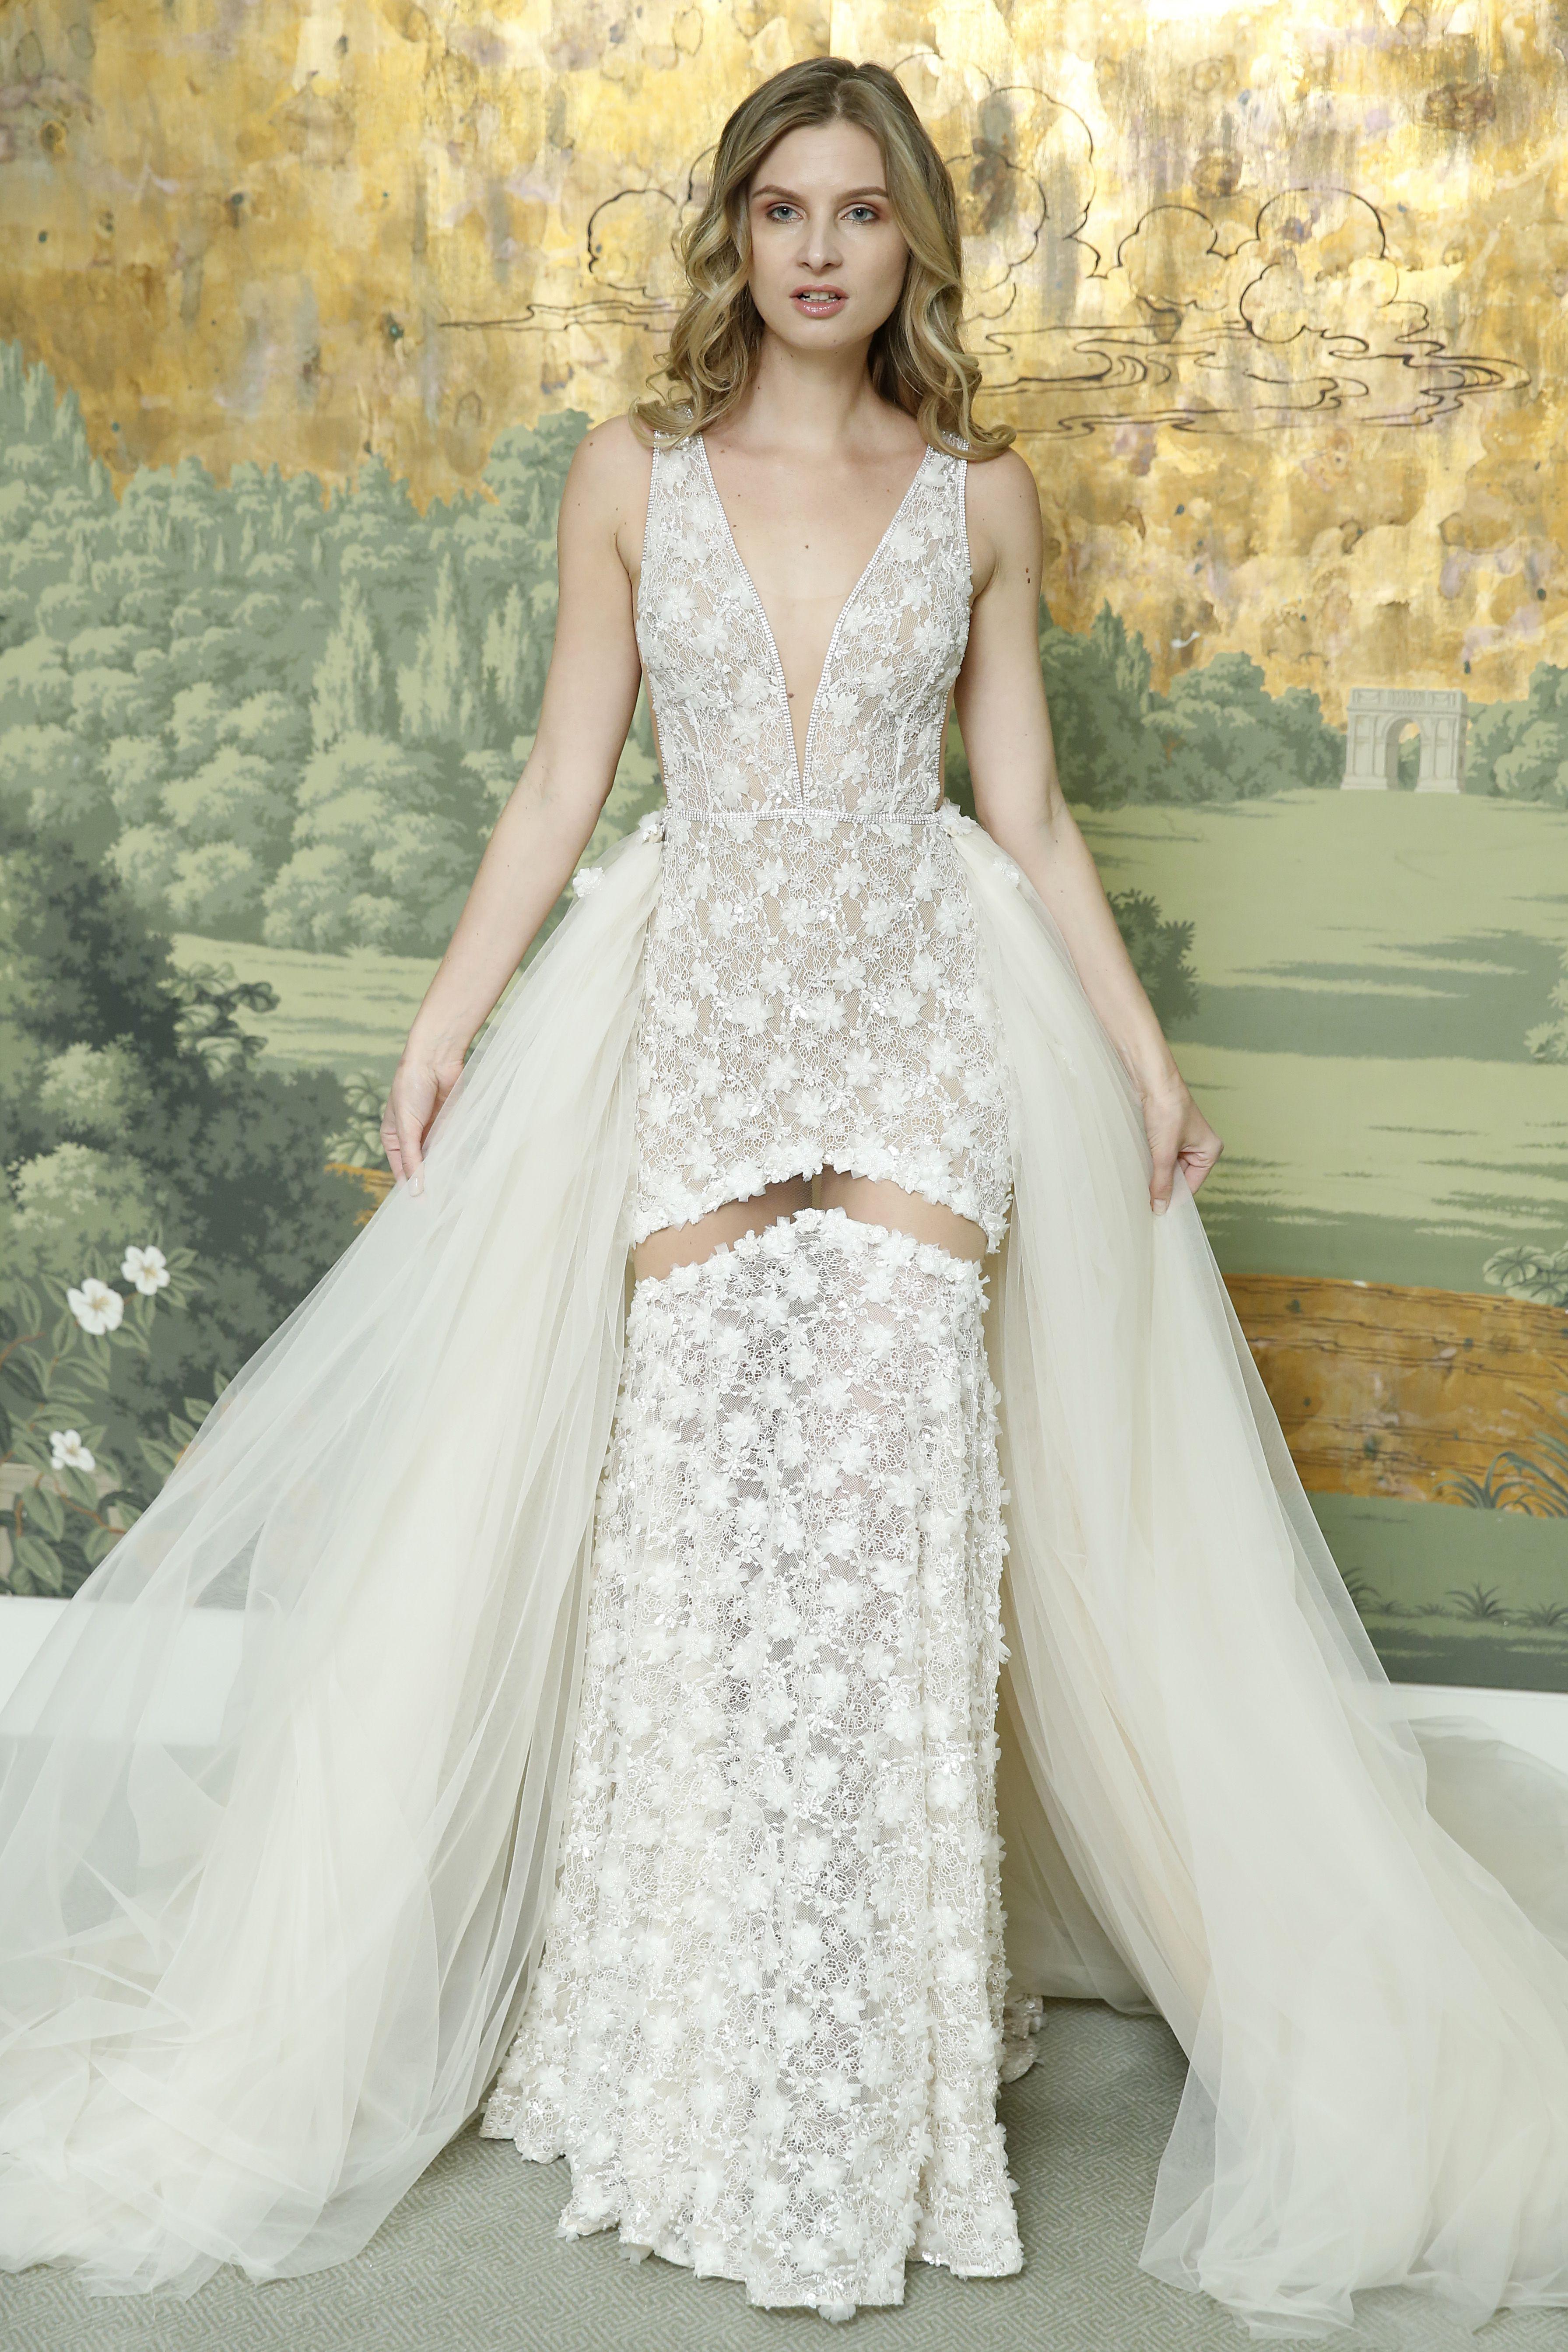 Bridal Fashion Week Wedding Dresses